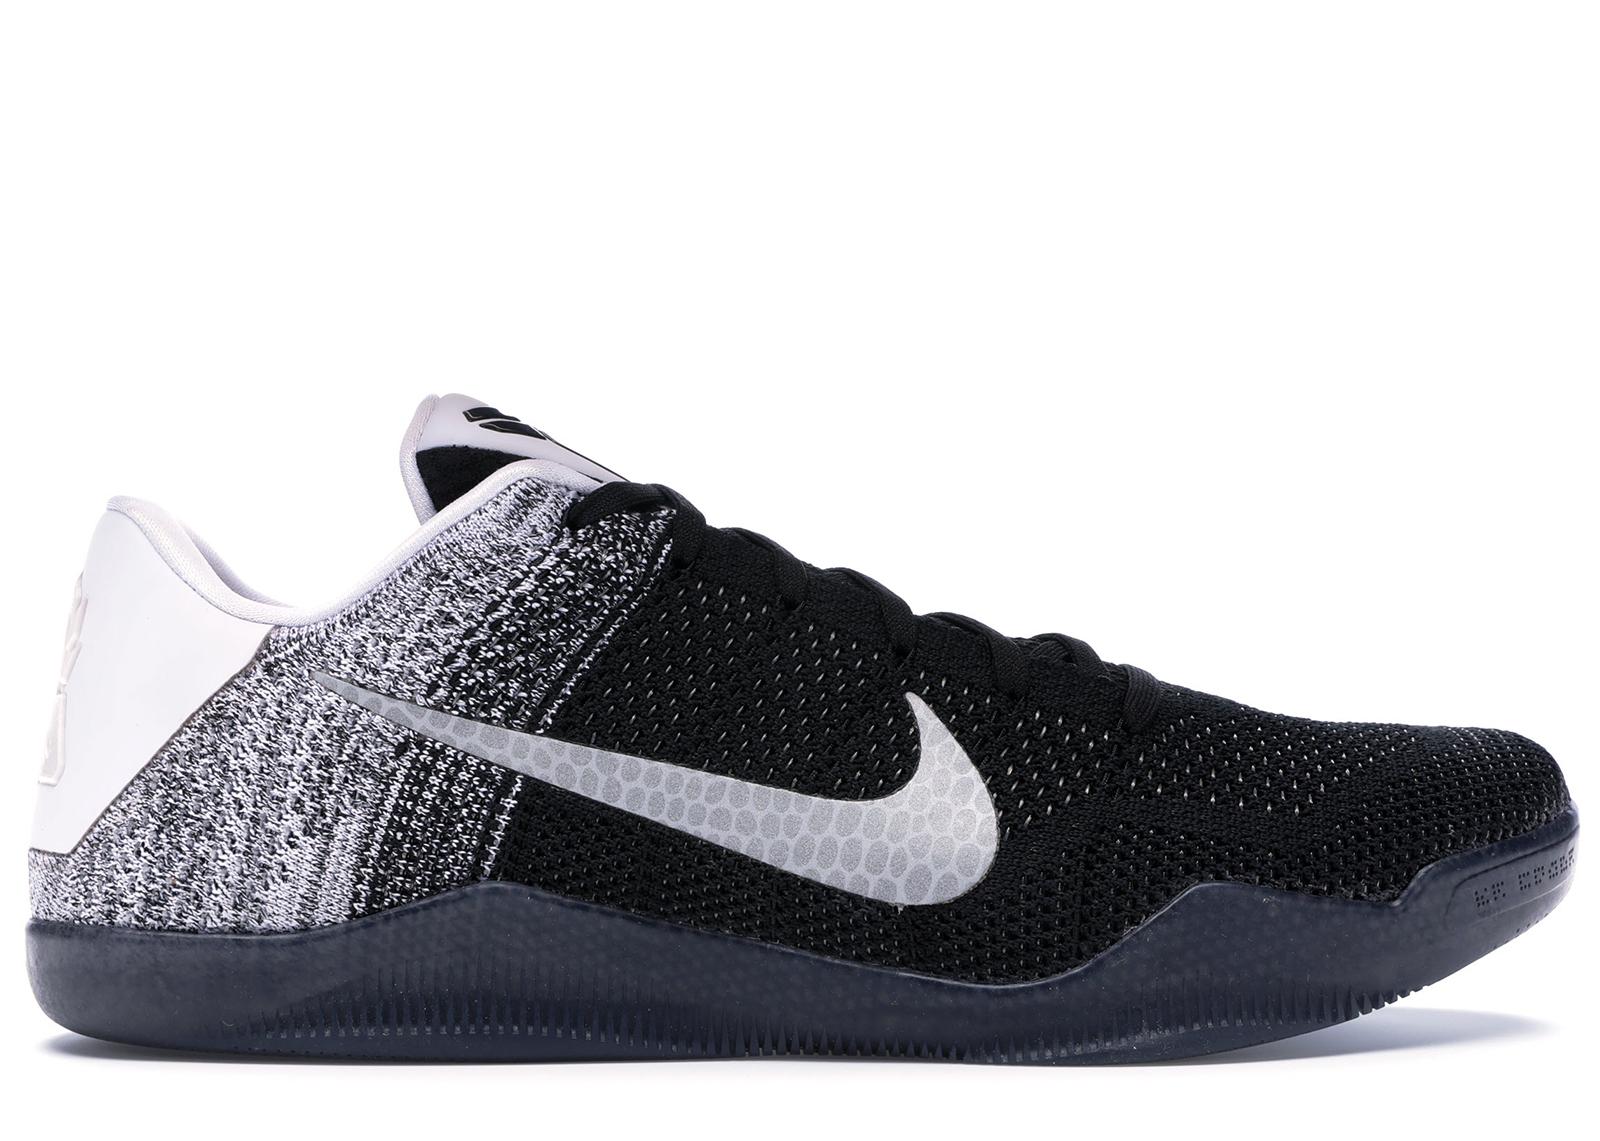 Nike Kobe 11 Elite Low Last Emperor